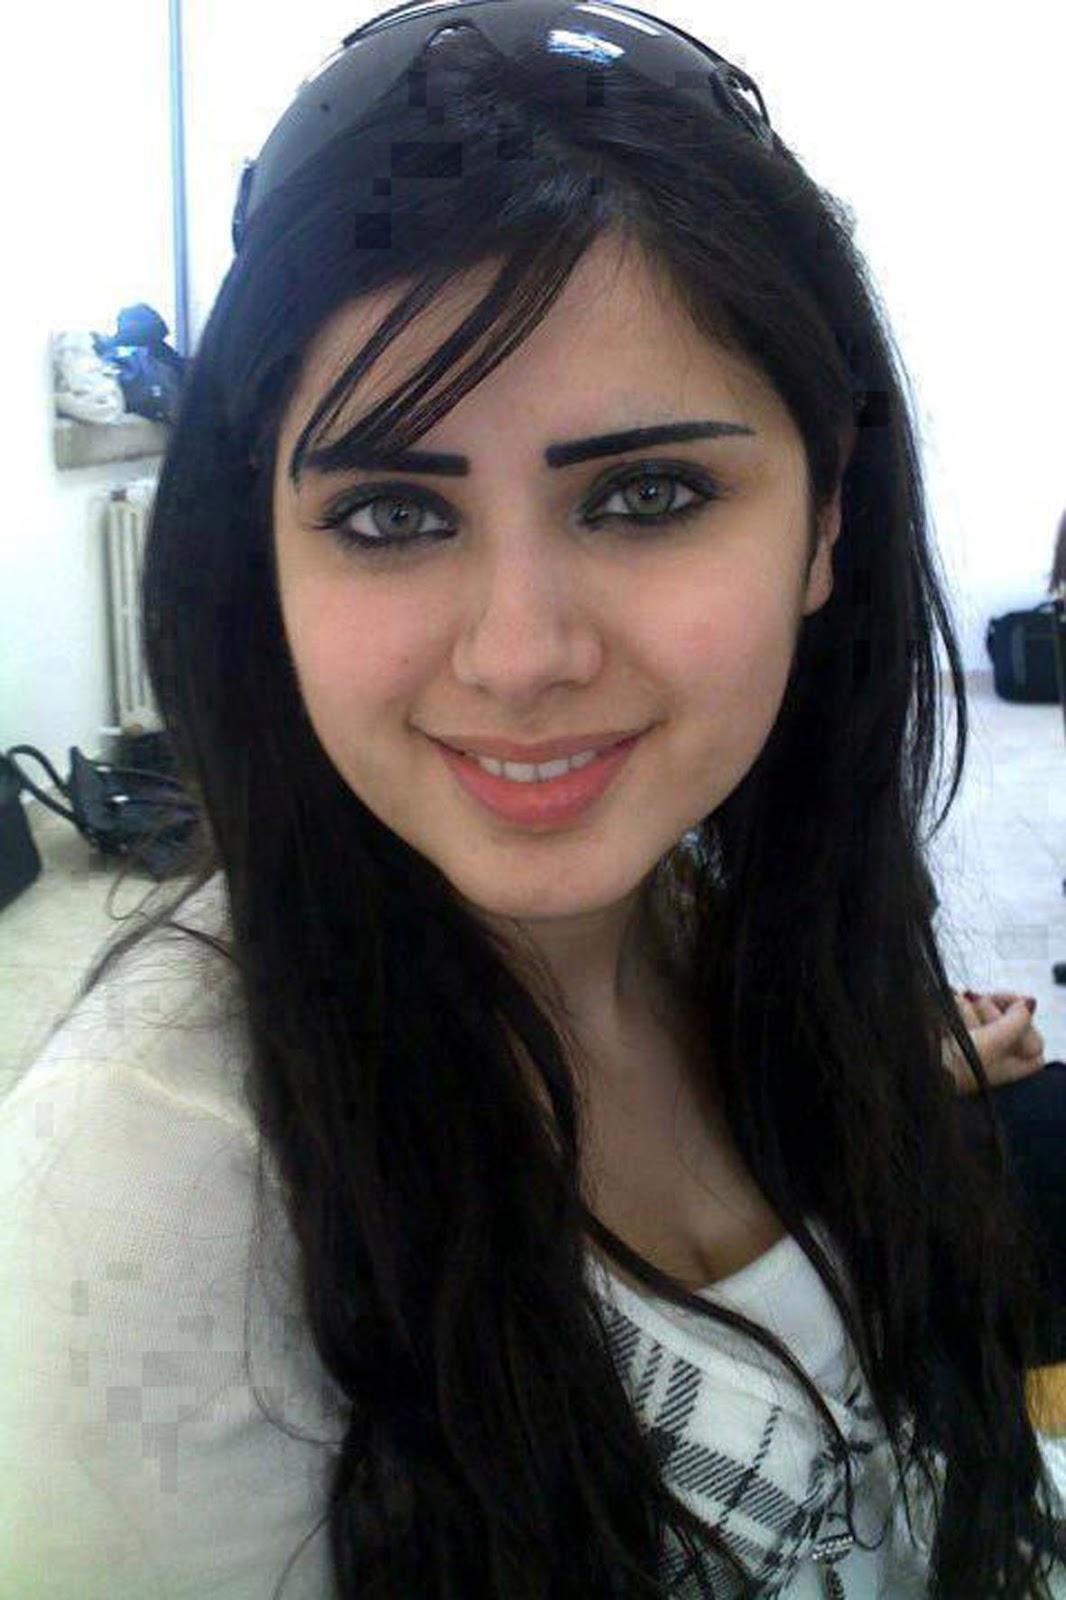 فتيات بغداد فيس بوك , صور احلى فتيات بغداد  اغراء القلوب